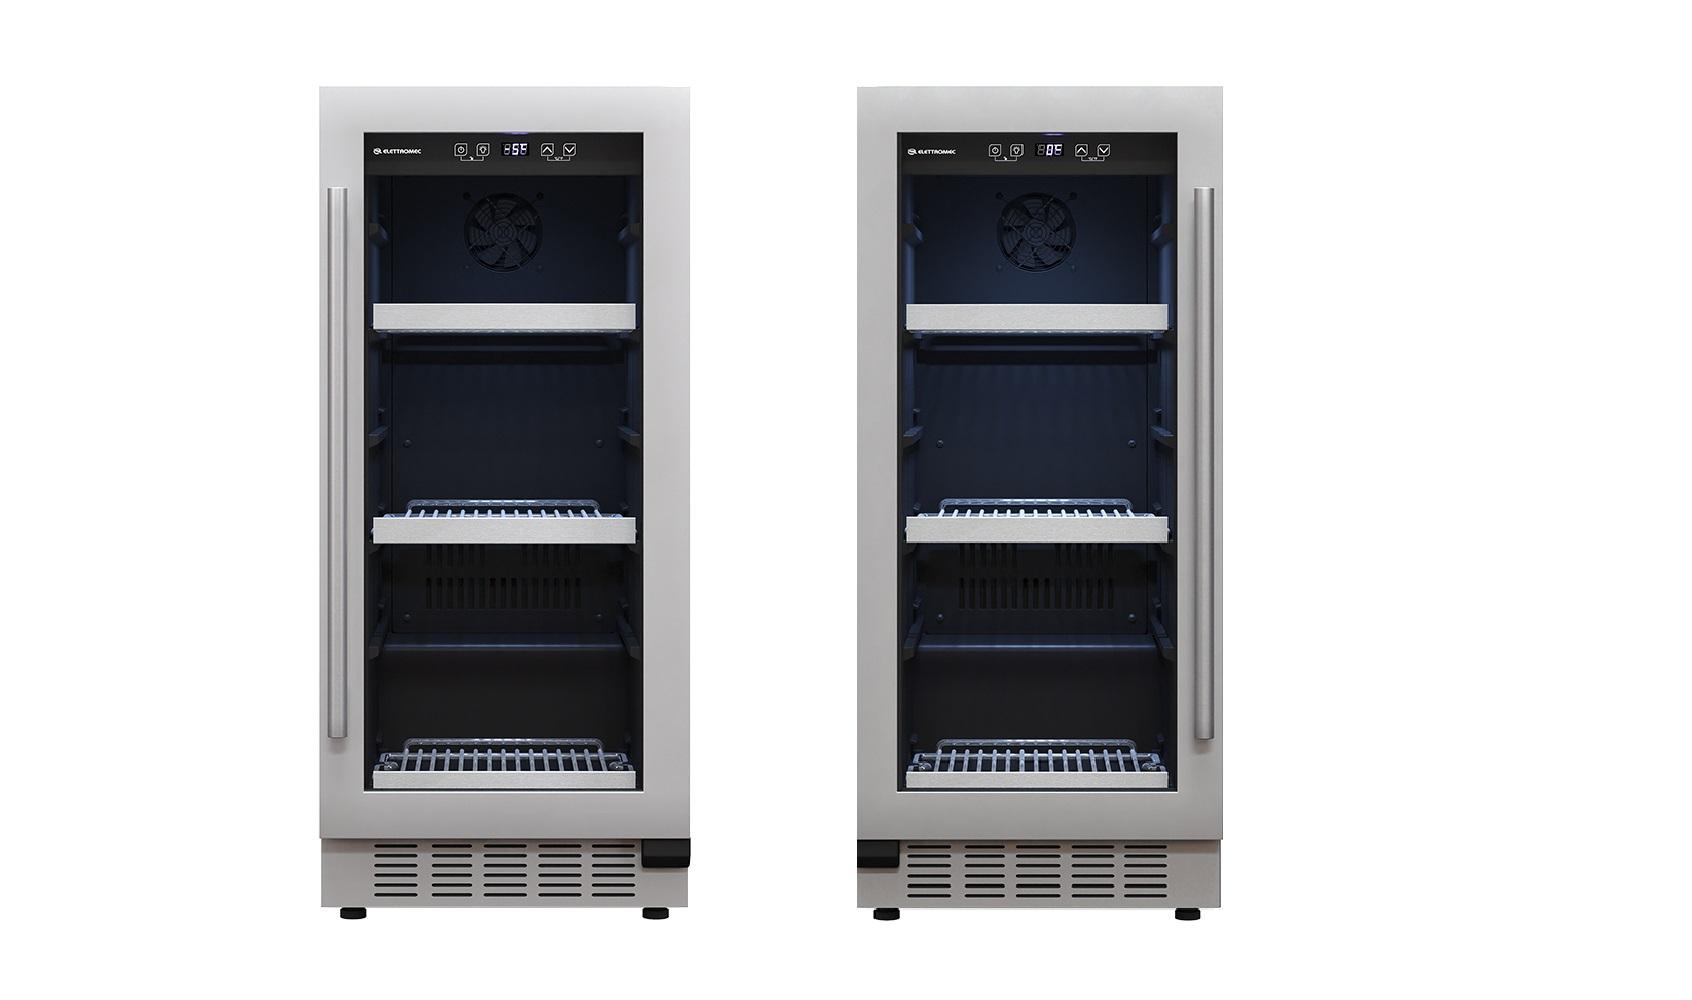 Kit Sommelier Beer Center 86 Litros e Frigobar 86 Litros Built-In Eletttromec